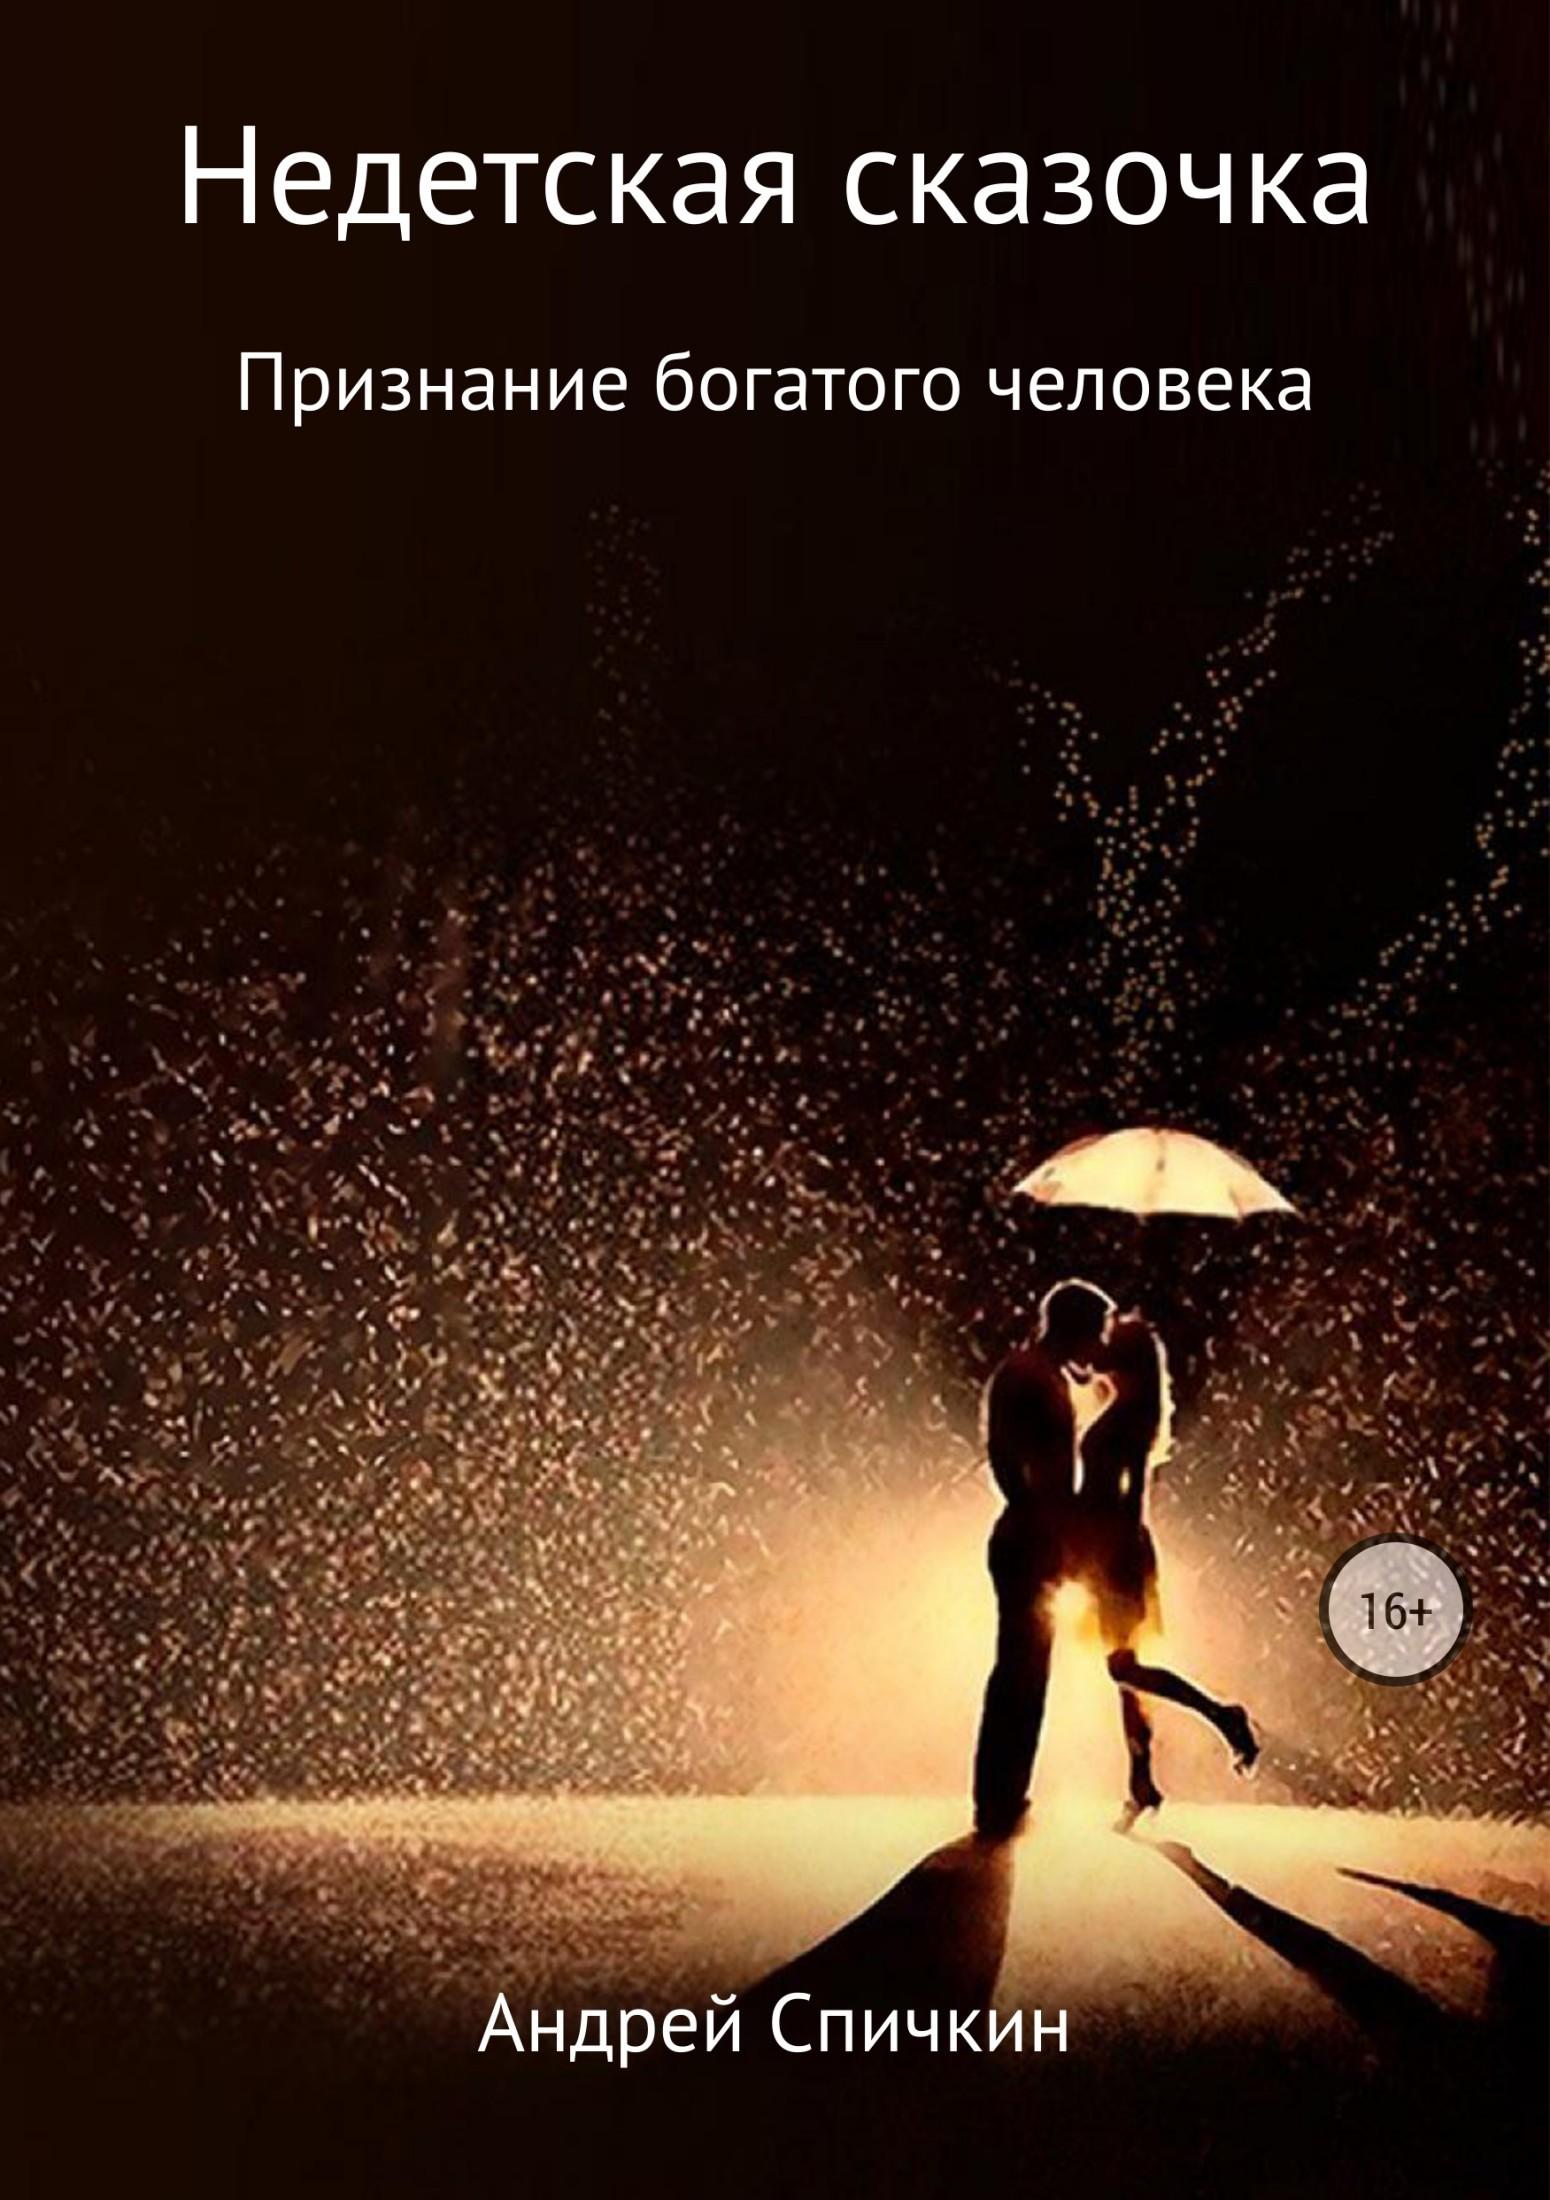 Андрей Сергеевич Спичкин. Недетская сказочка: Признание богатого человека